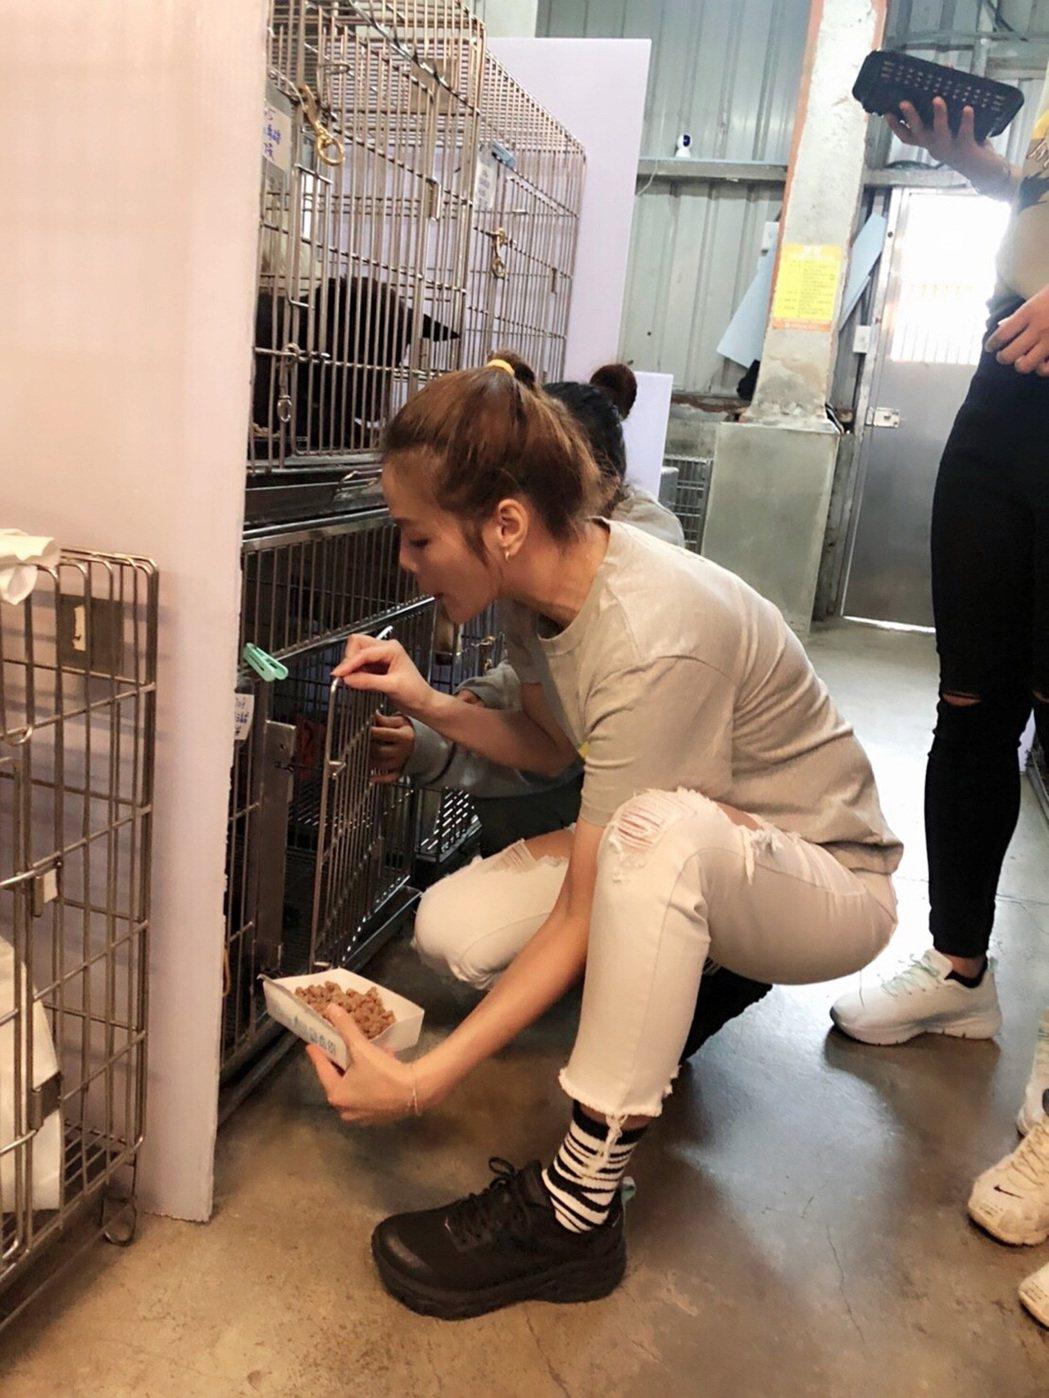 翊萱幫忙餵食流浪狗。圖/艾迪昇傳播提供